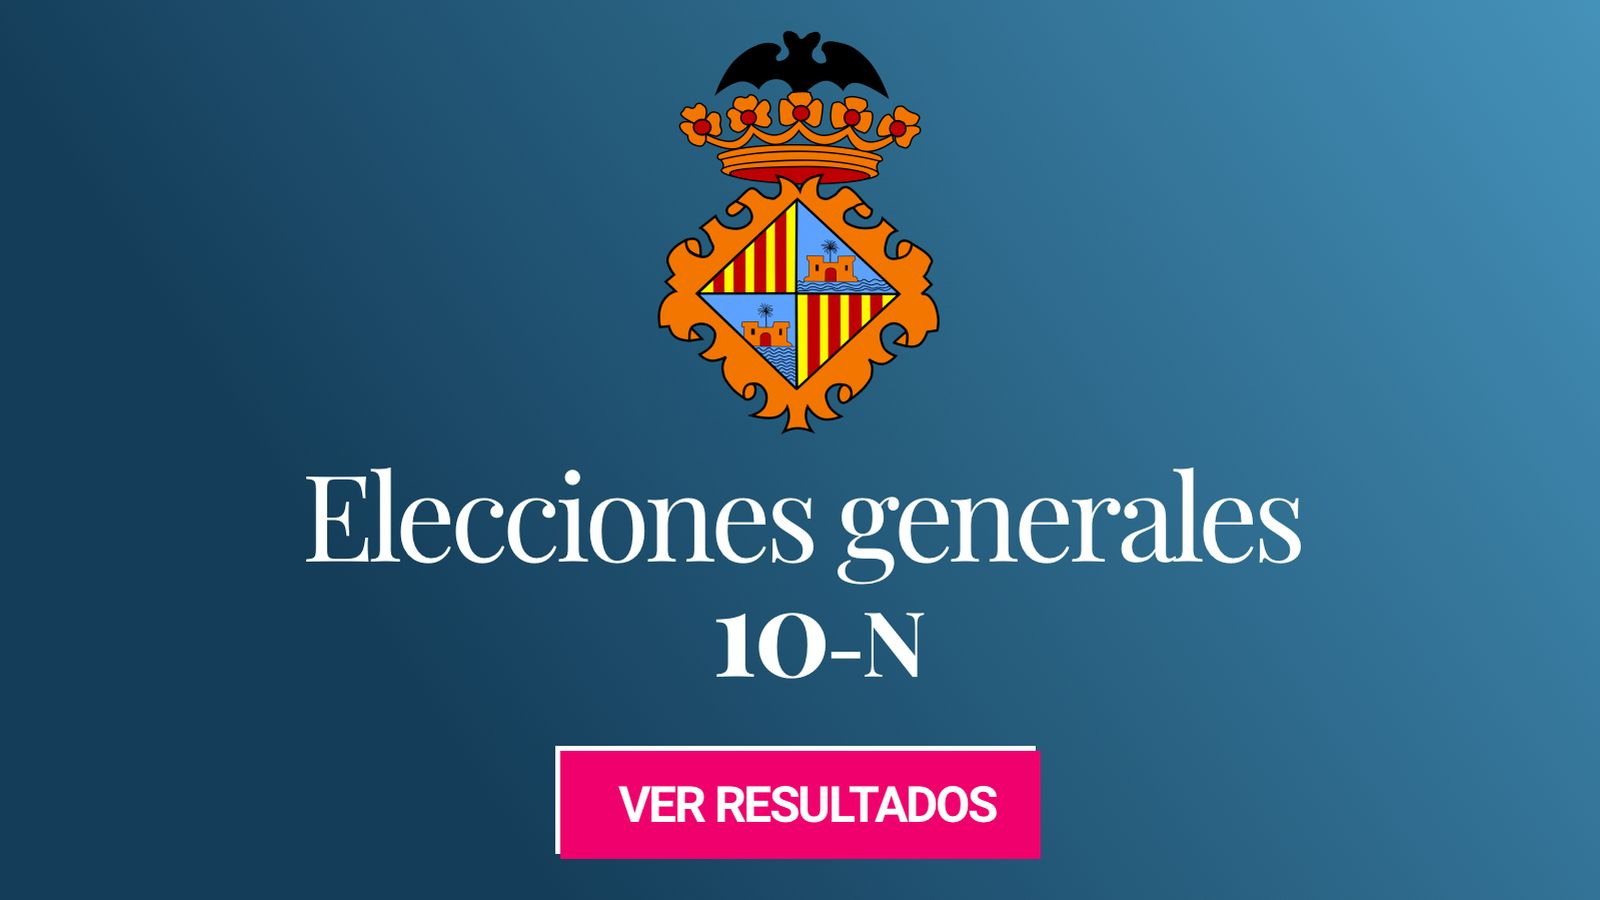 Foto: Elecciones generales 2019 en Palma. (C.C./EC)